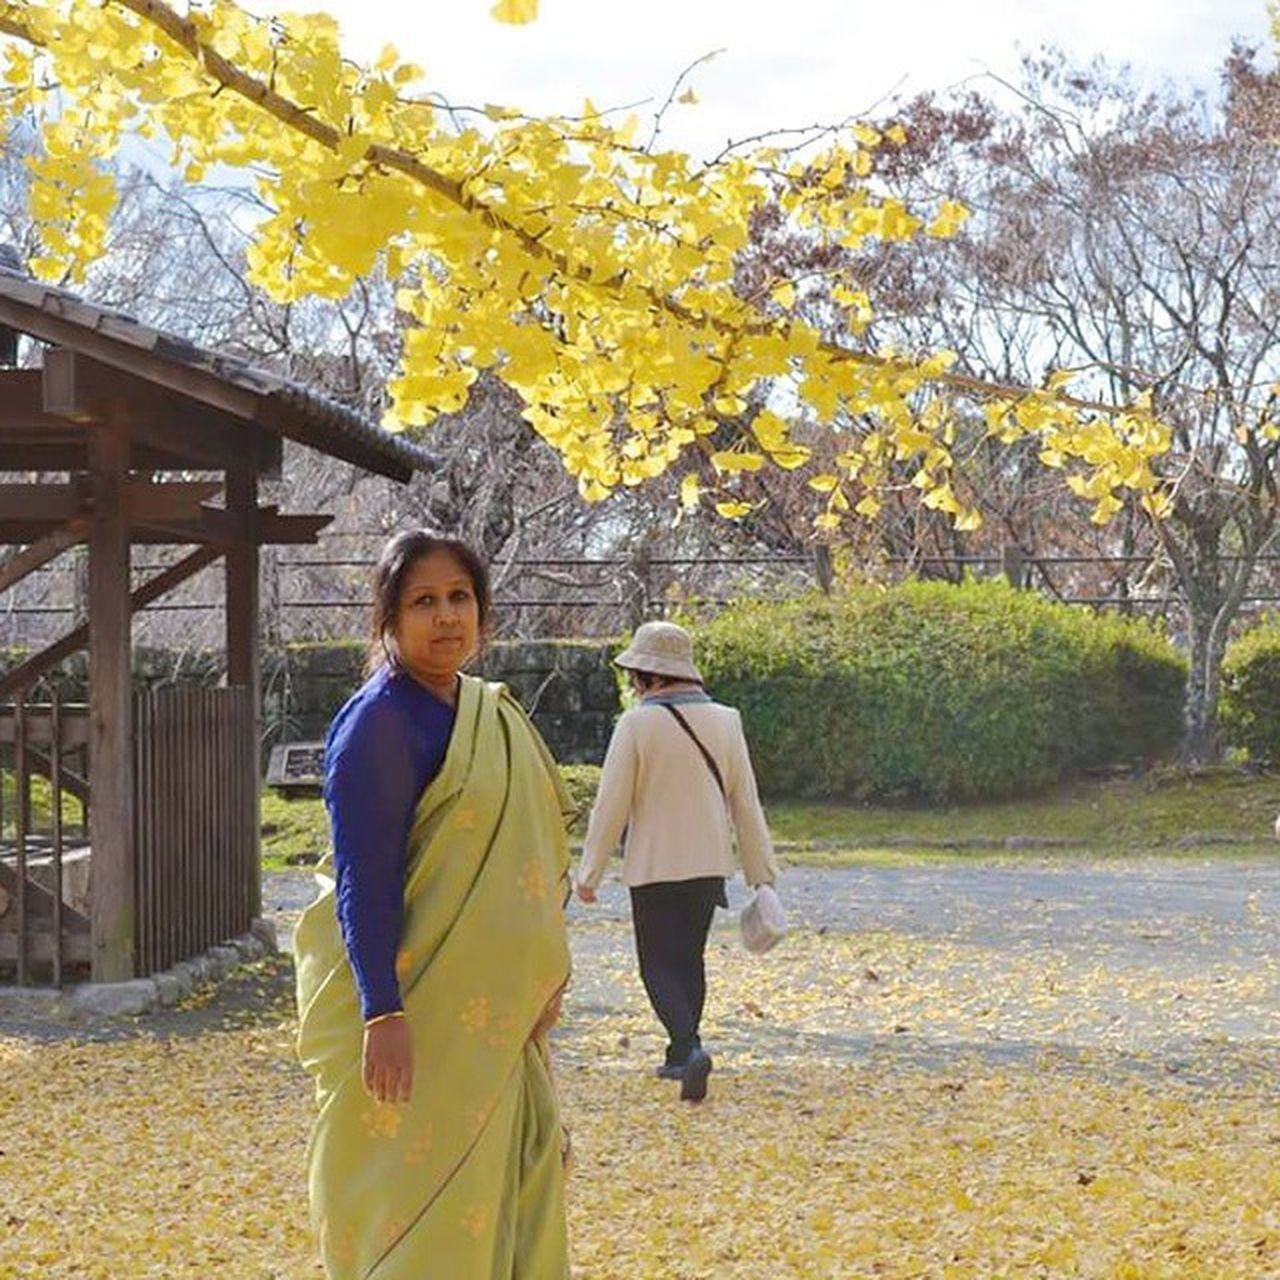 Maa Eyeemtravel  Eyeemflowerlover EyeEmJapan Japan Mother Motherlove